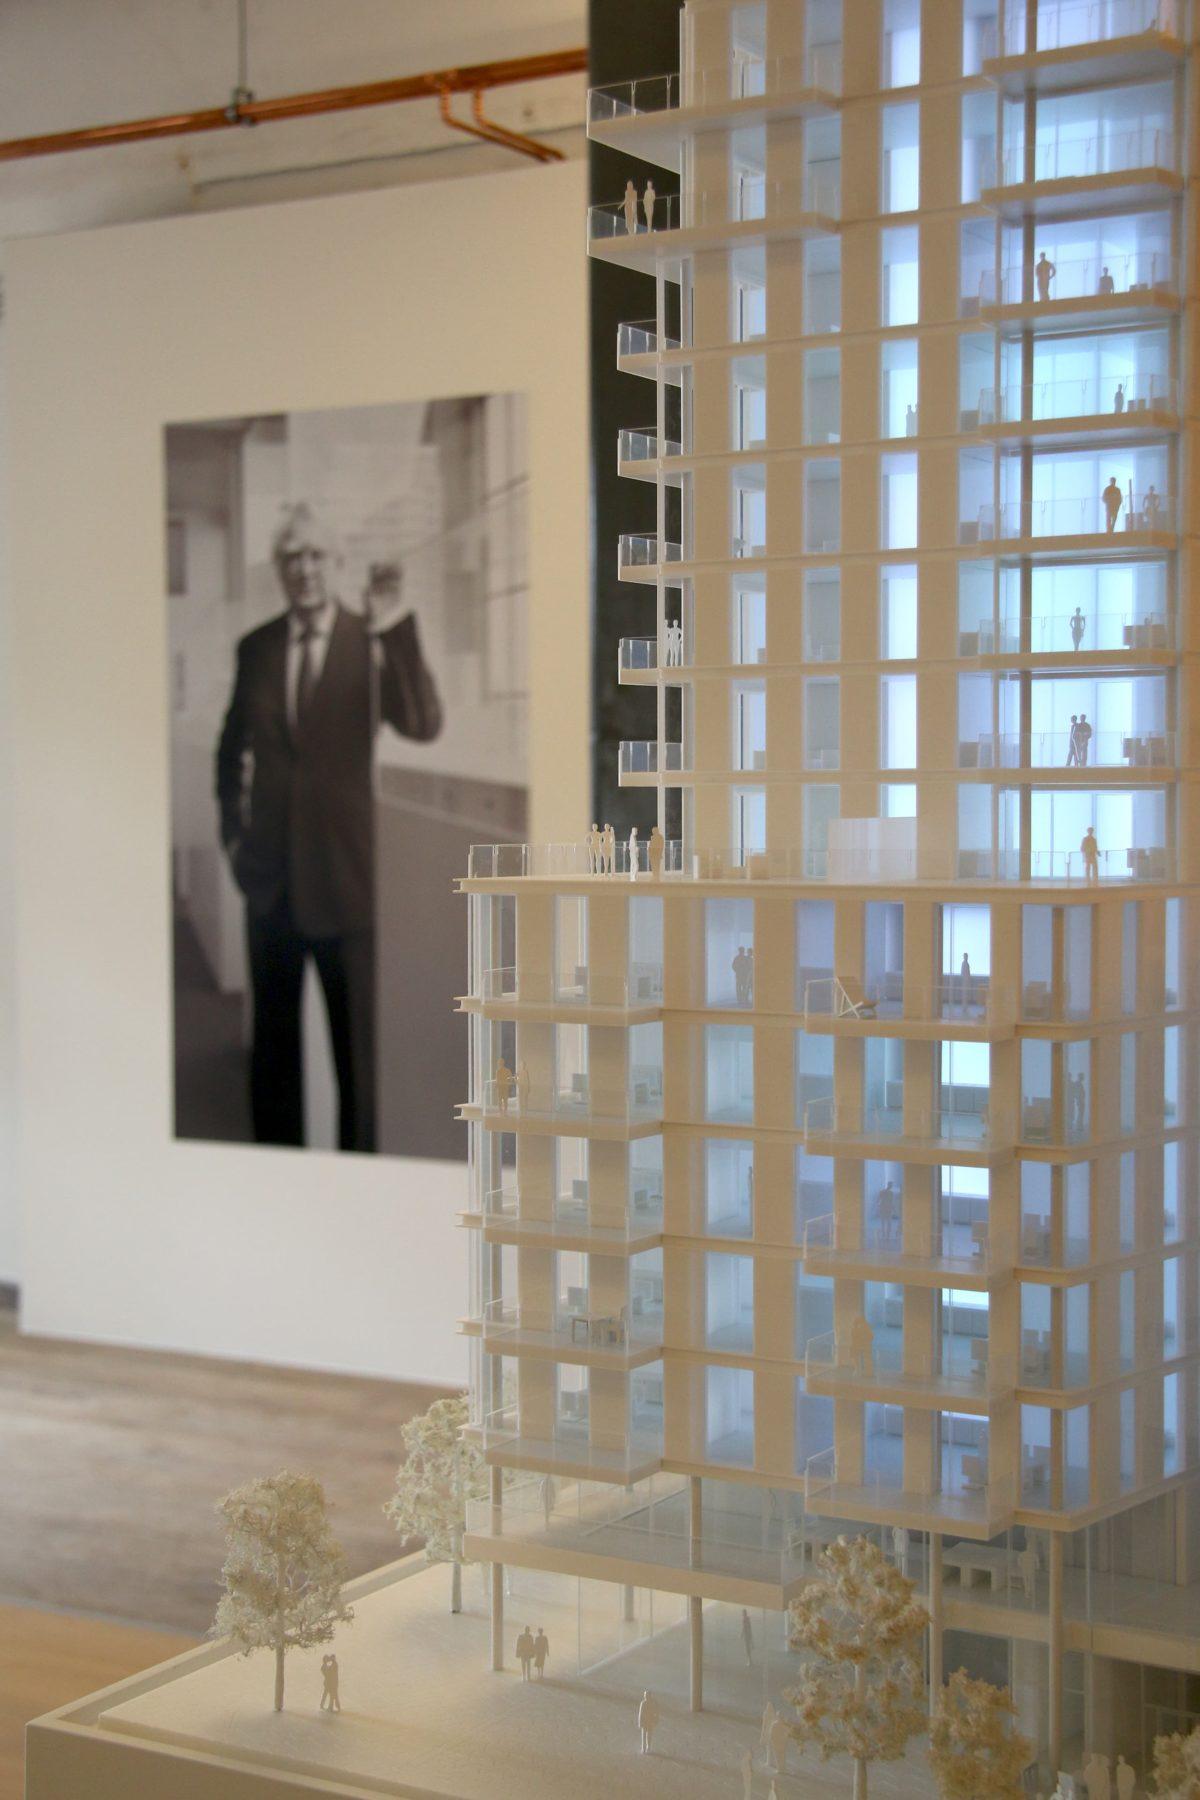 Nahaufnahme Architekturmodell Quantum Strandhaus von Richard Meier Architekten, inszenierung im Showroom von Engel & Völkers